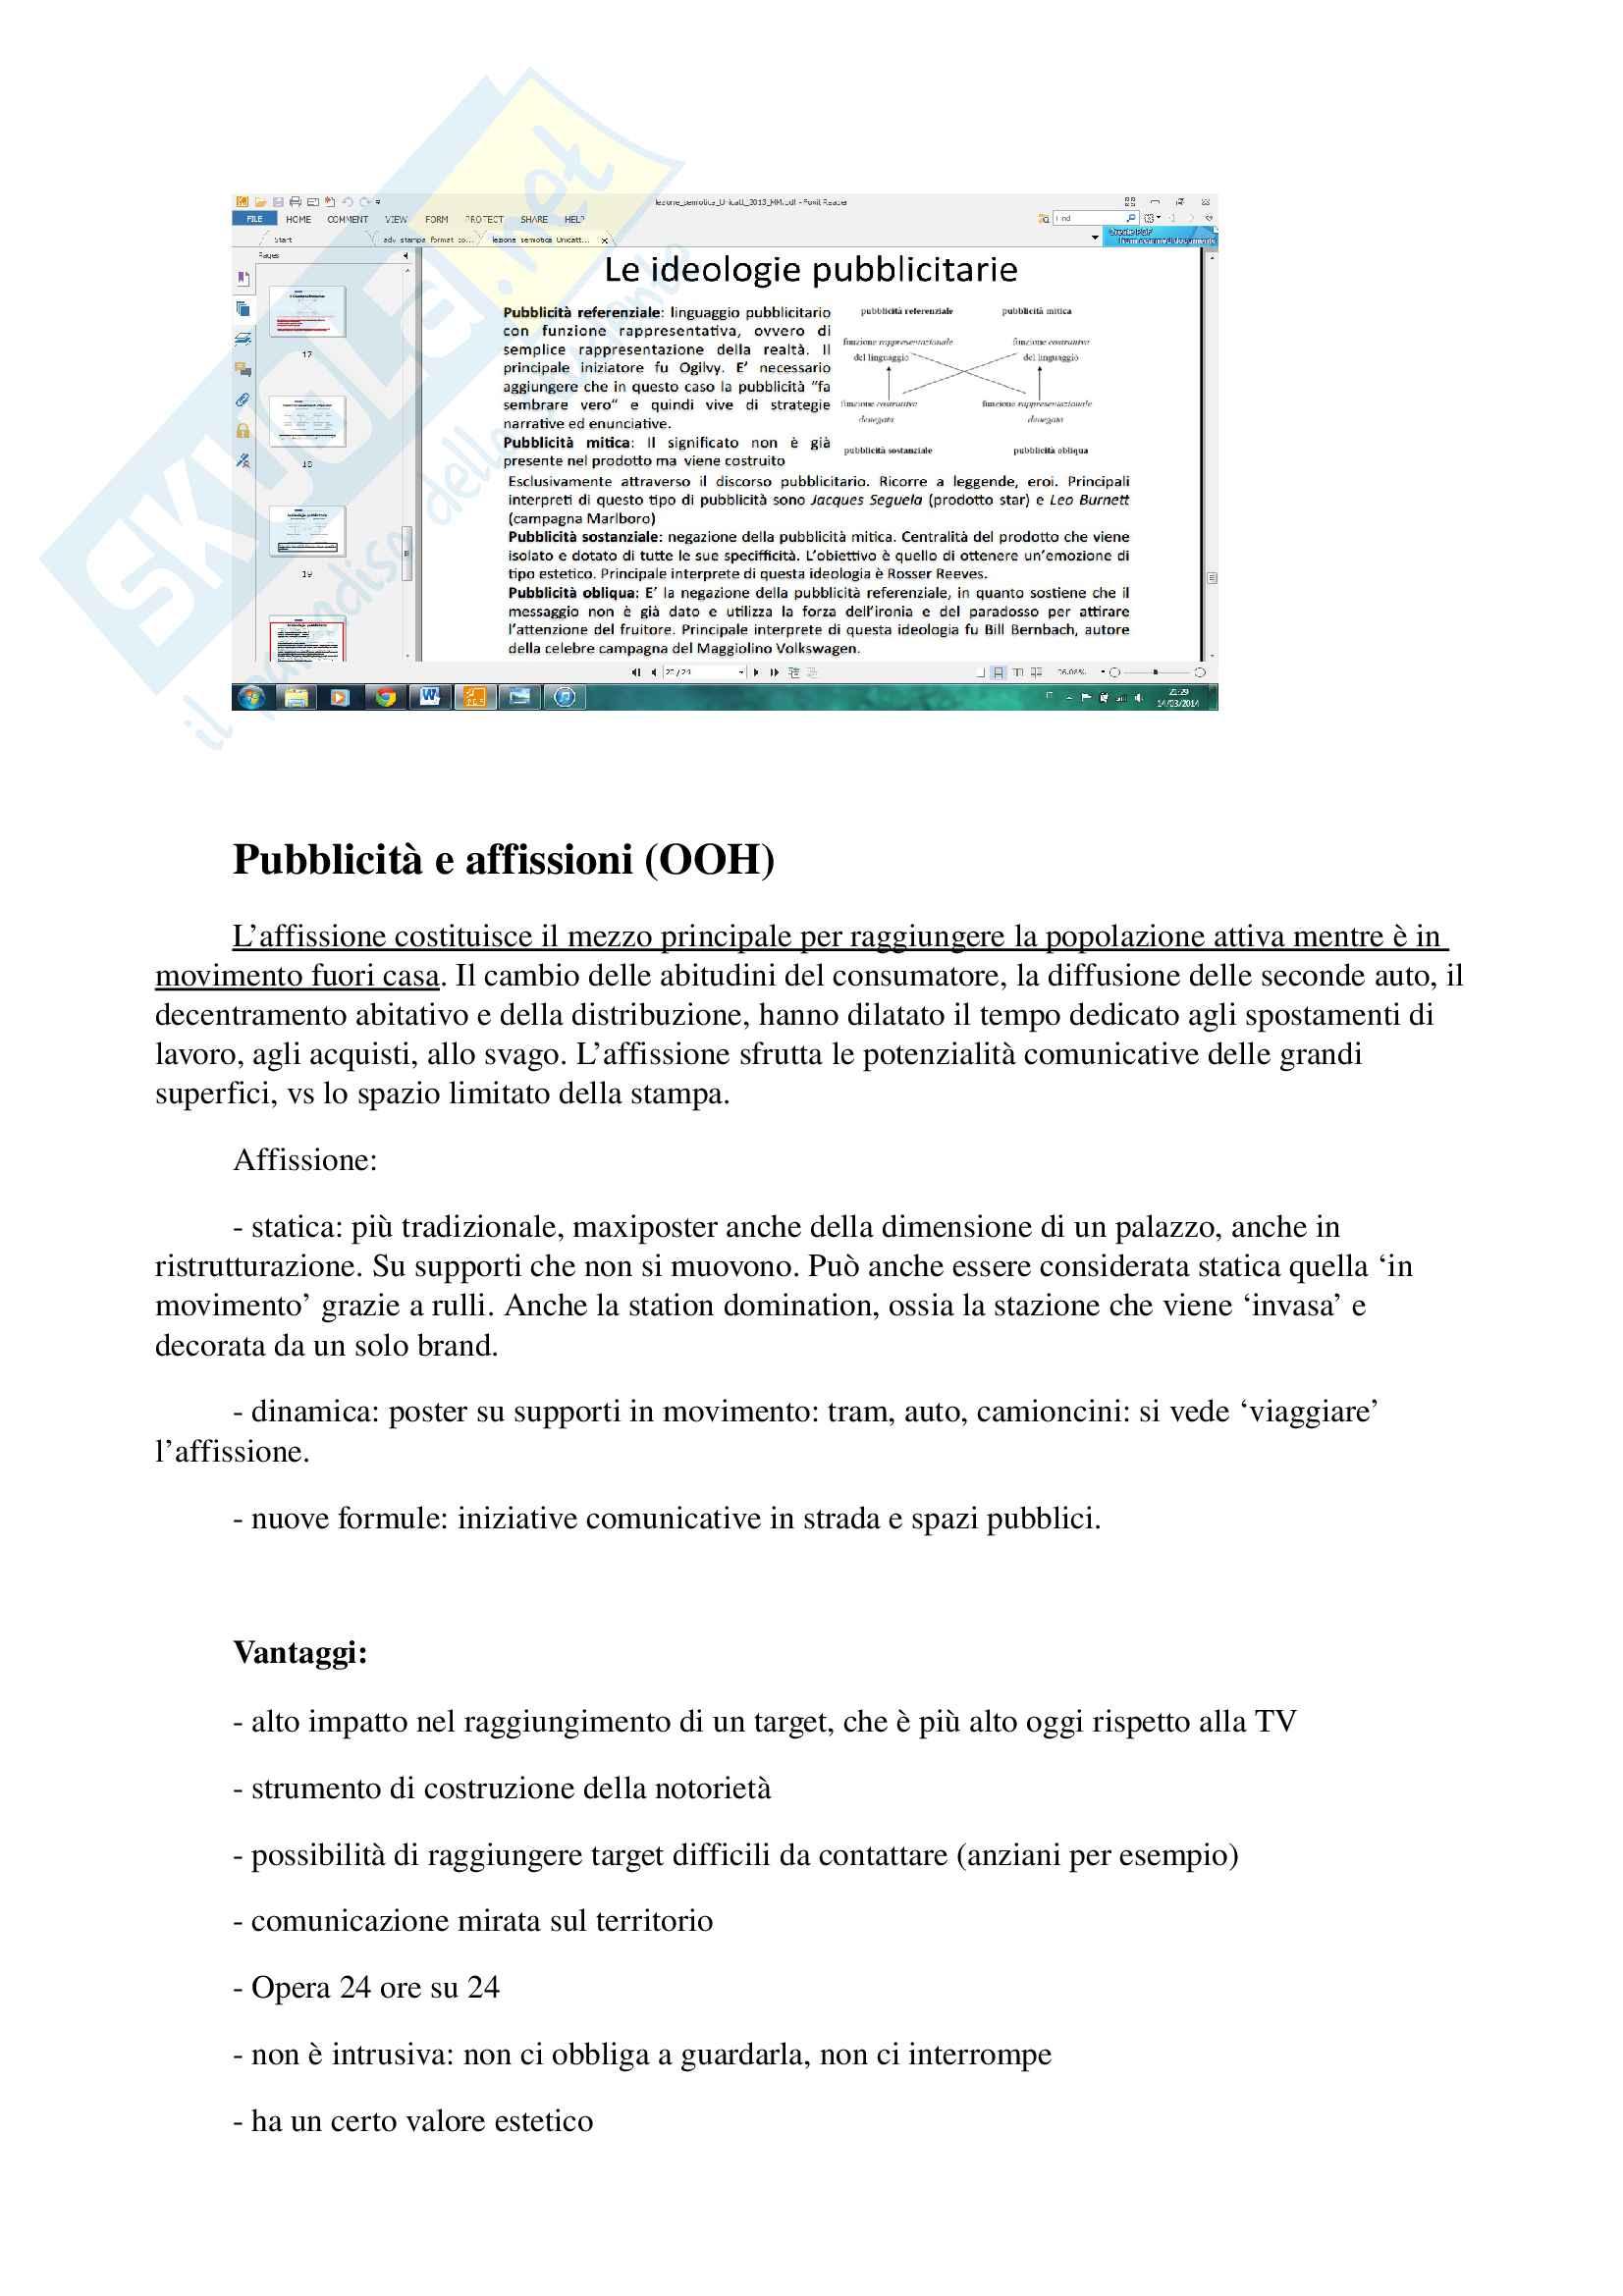 Appunti per esame di storia e linguaggi della pubblicità, prof. Musso, libro consigliato 'Brand Reloading - Patrizia Musso' Pag. 16